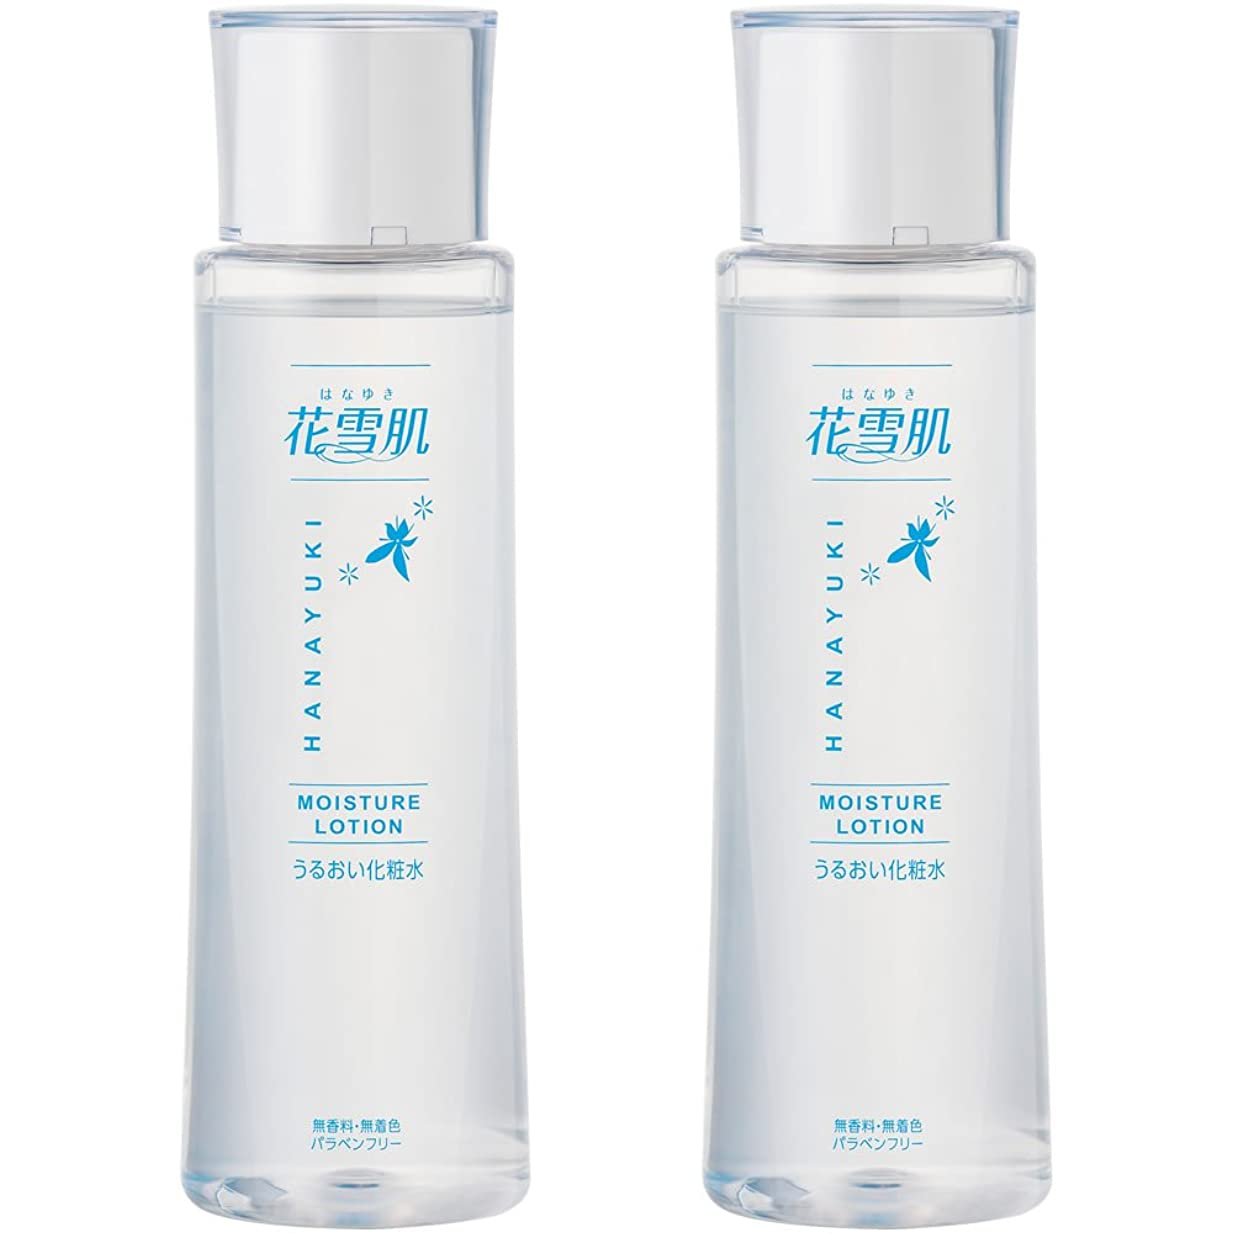 上記の頭と肩配分きつく花雪肌 うるおい化粧水 (200ml × 2本セット) [10種類の美容液成分を配合] ヒアルロン酸 コラーゲン